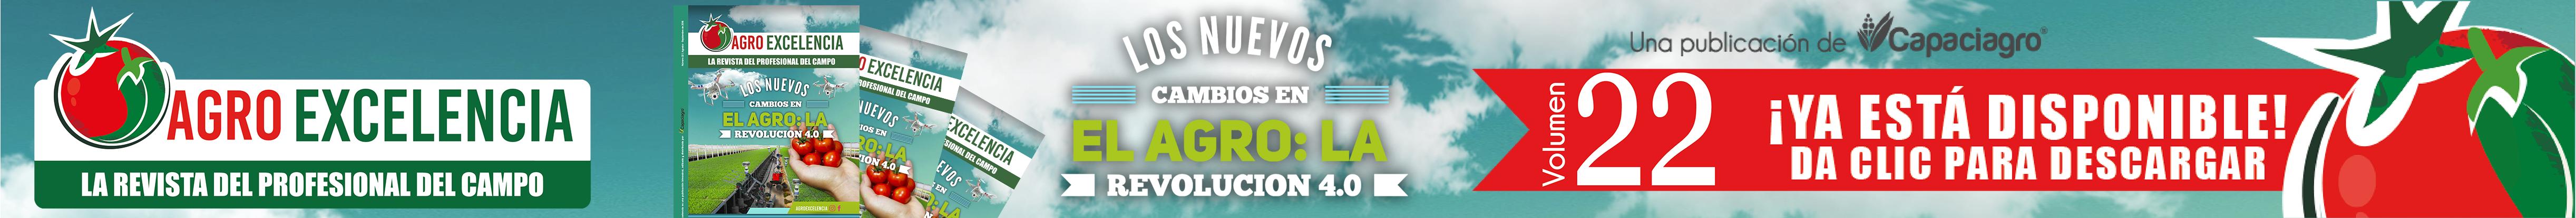 http://agroexcelencia.com/wp-content/uploads/2018/08/Slide-anuncio22.png